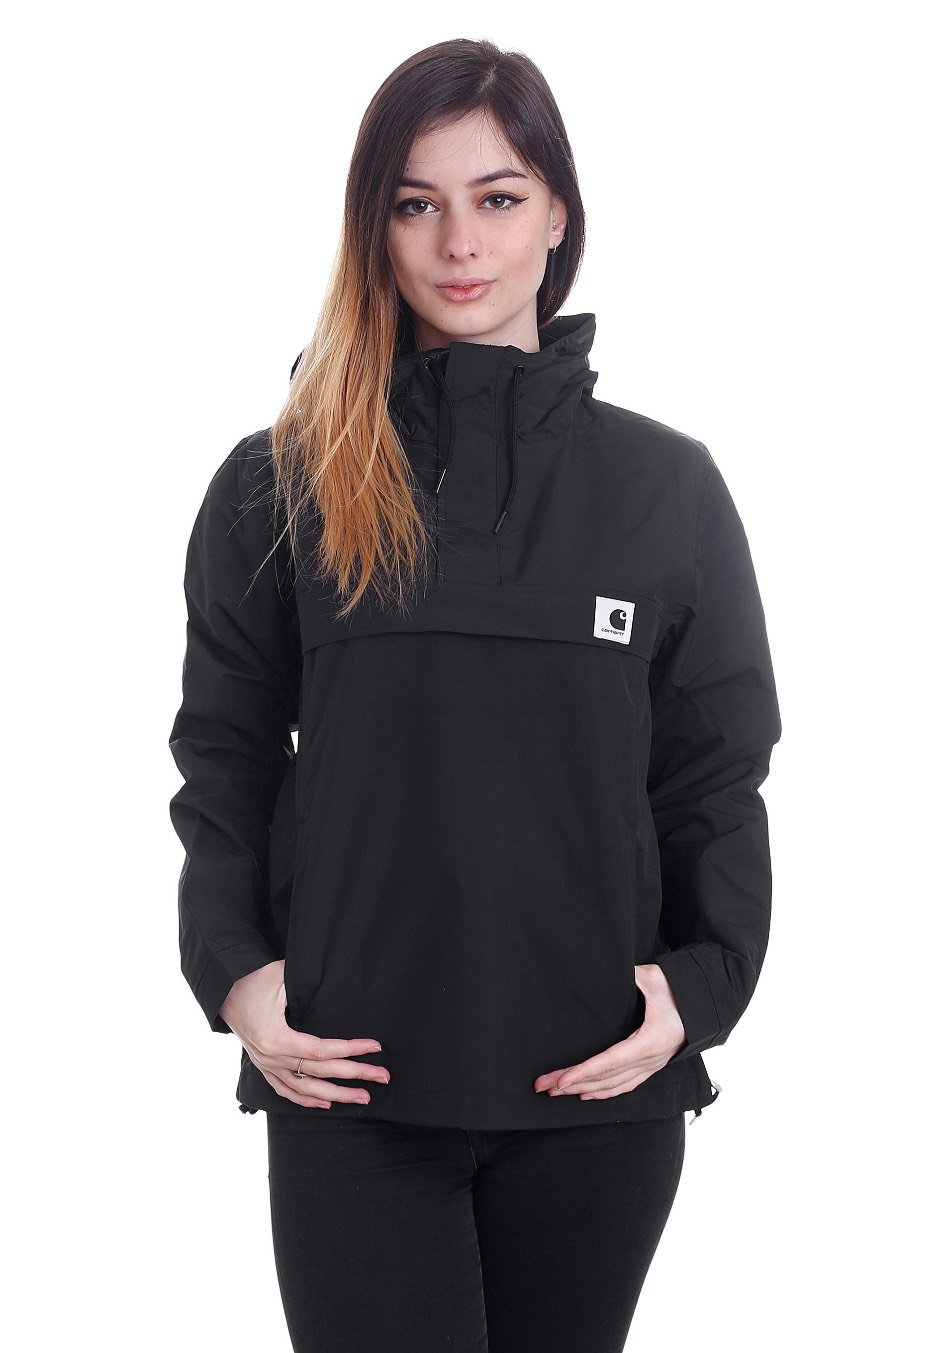 Jacken für Frauen - Carhartt WIP Nimbus Summer Jacken  - Onlineshop IMPERICON